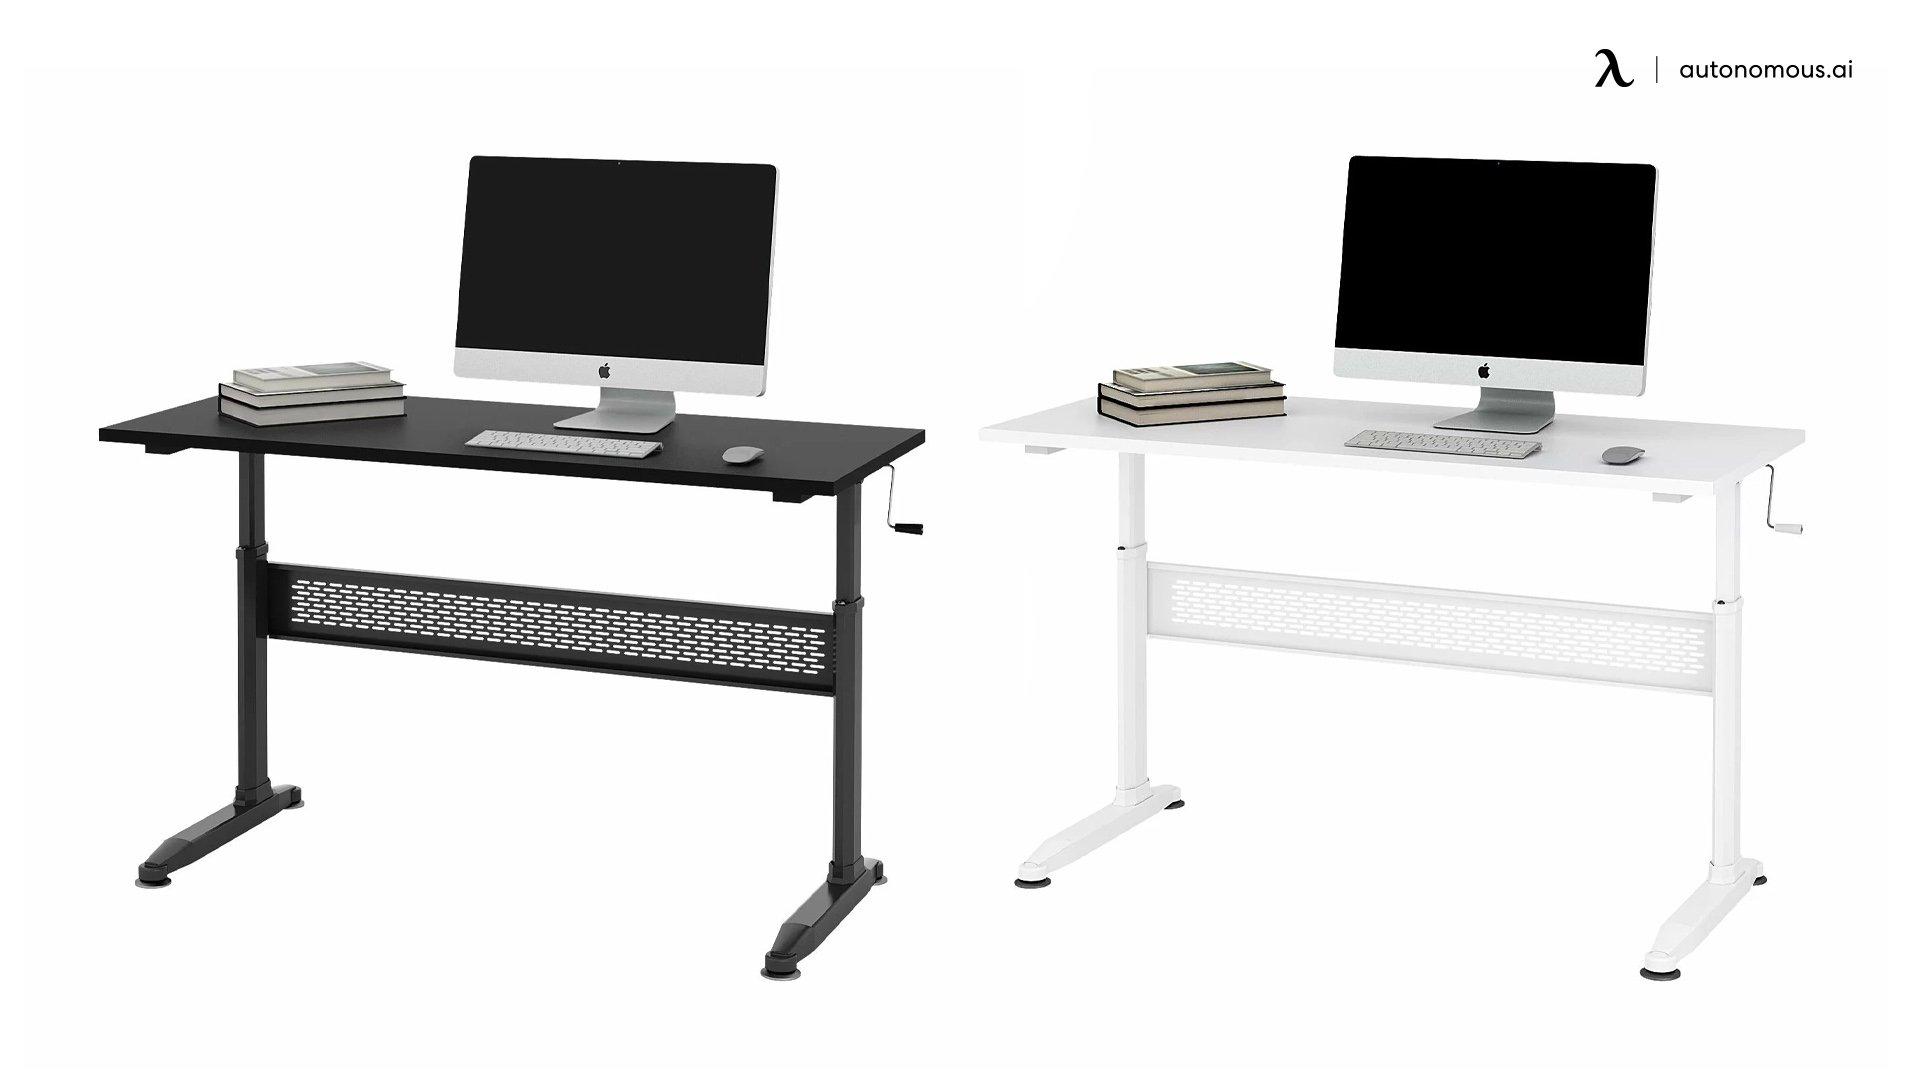 Grattan Adjustable Cheap Standing Desk